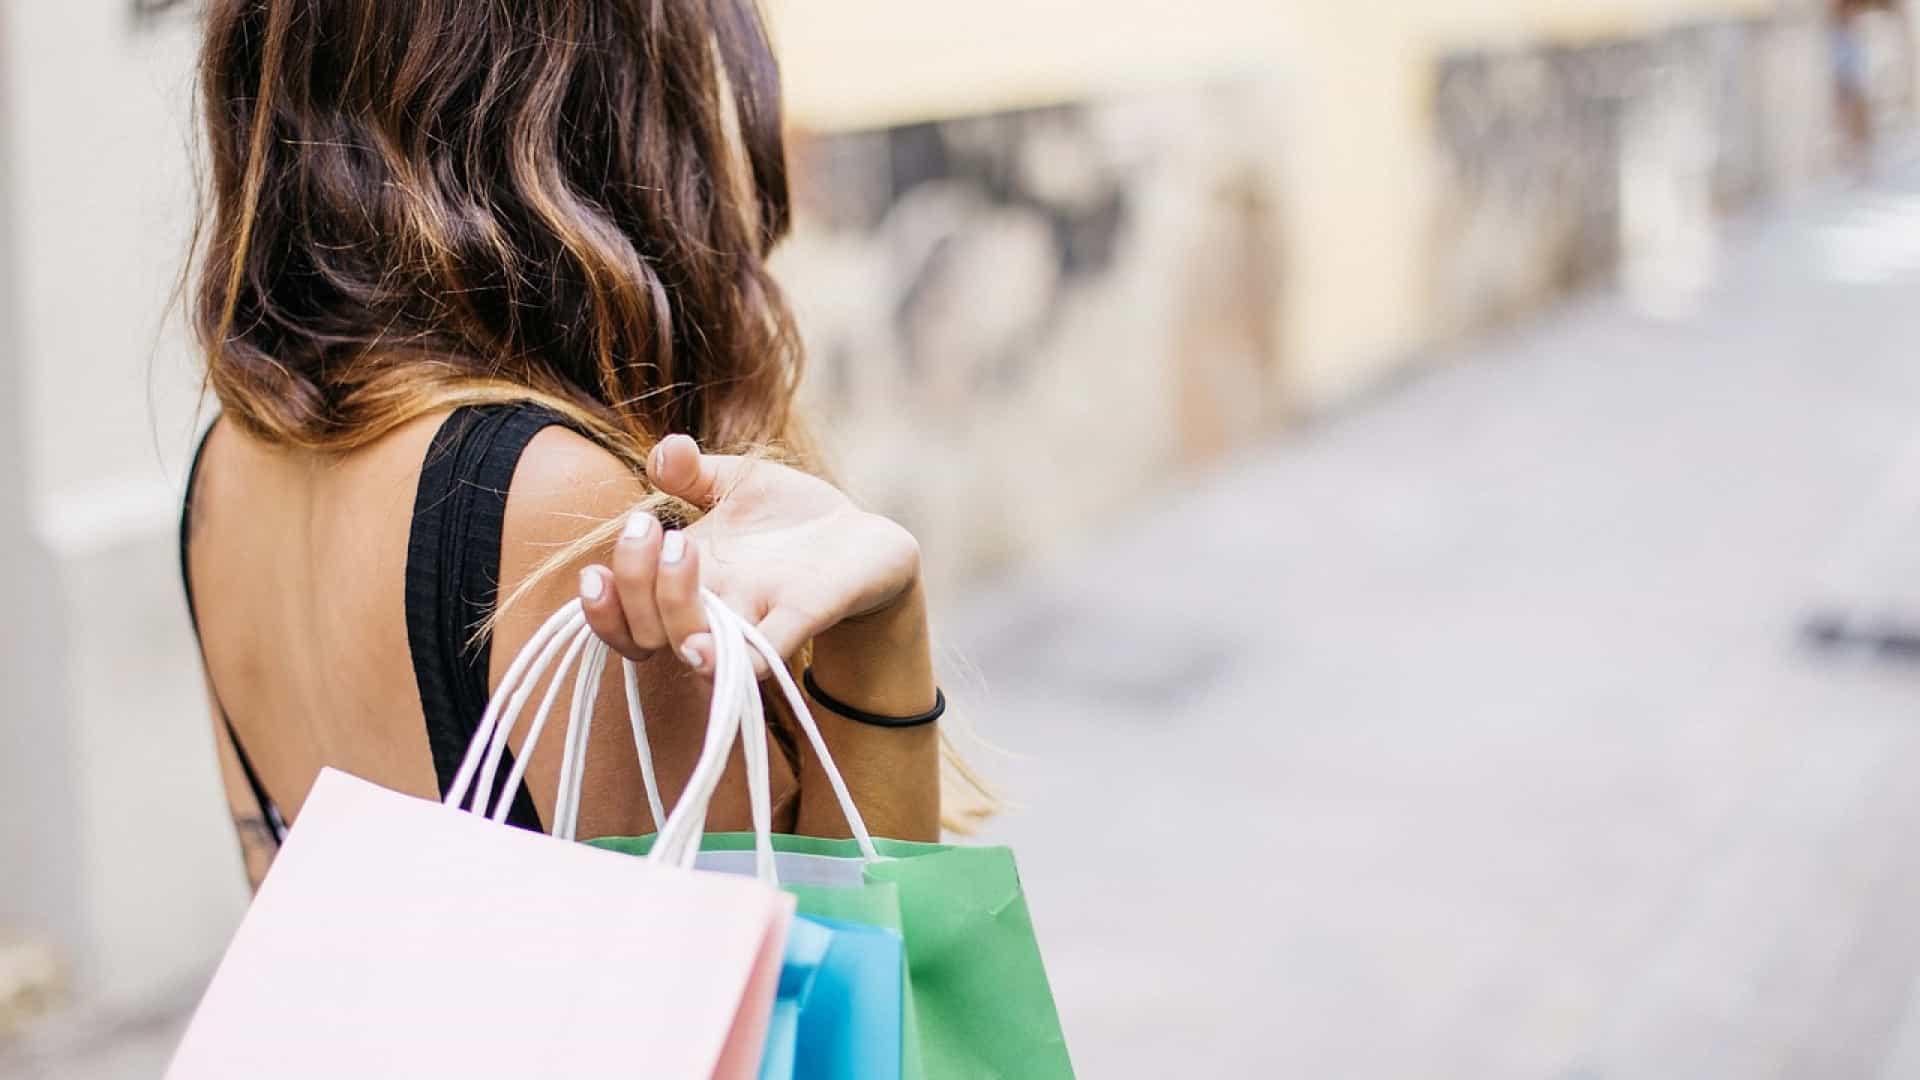 Et si vous pensiez aux sacs personnalisés pour votre commerce ?